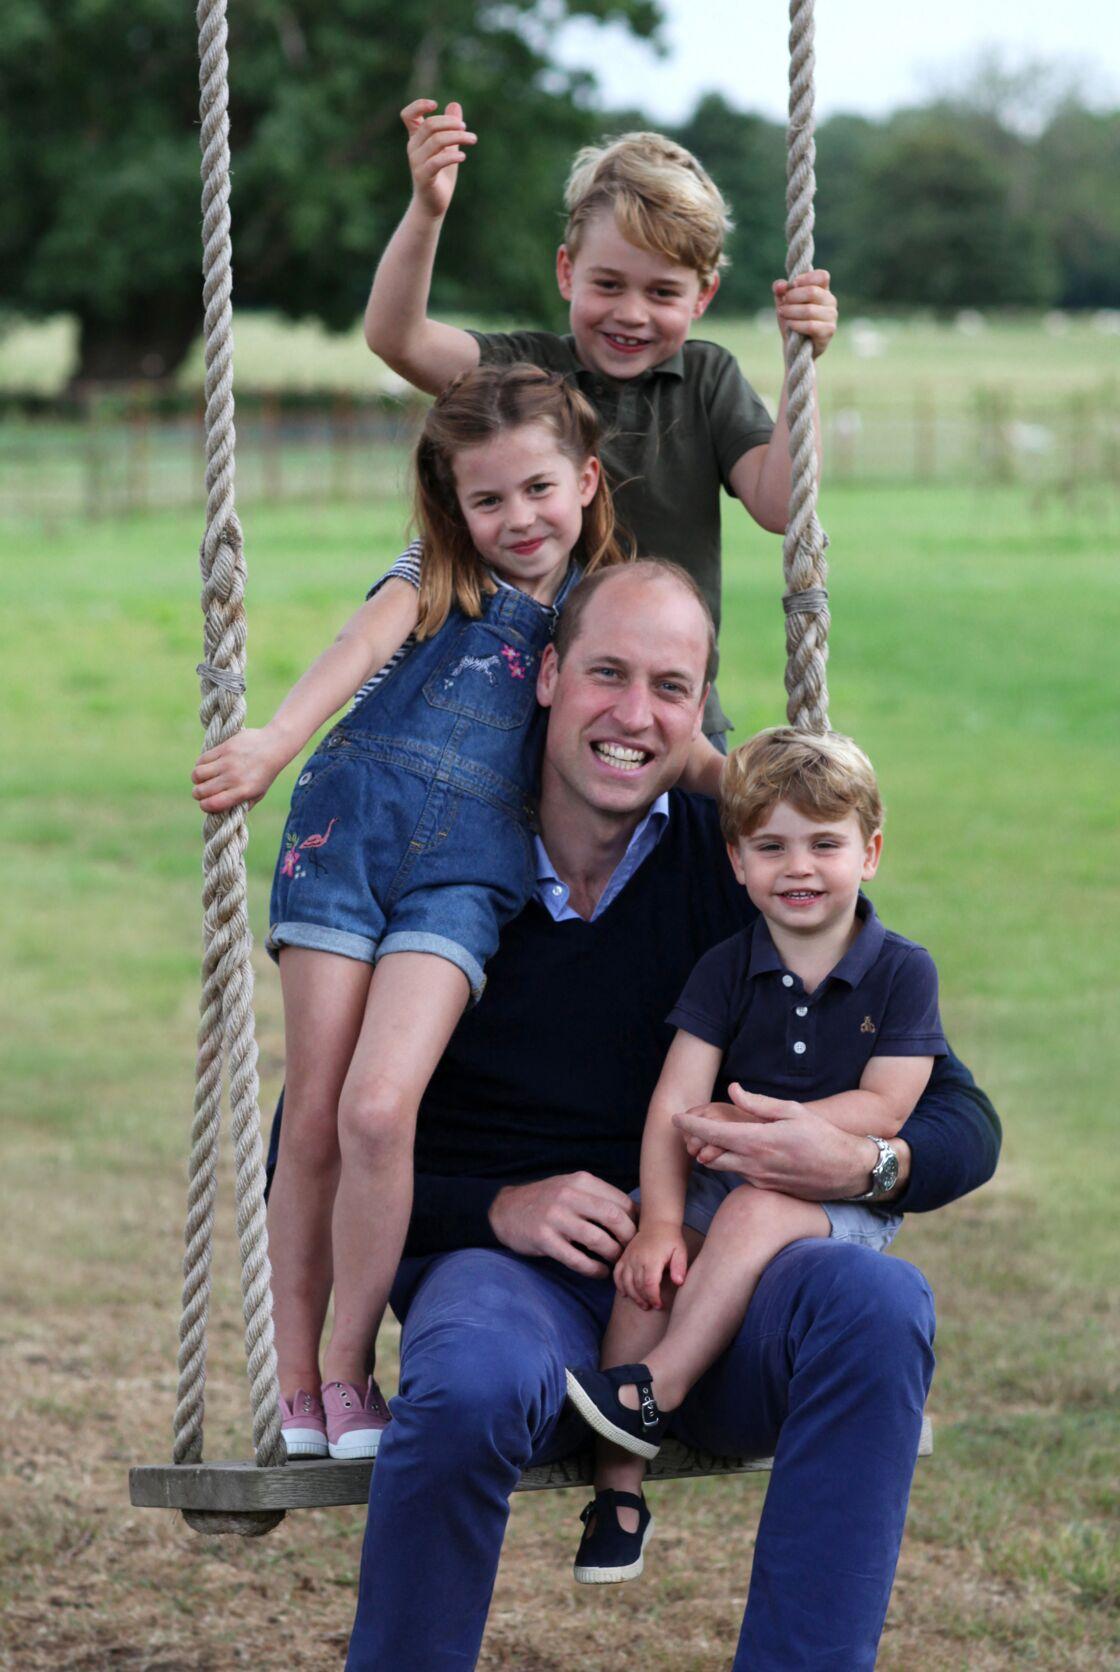 George, un futur monarque (presque) comme les autres, auprès de son père William, de sa soeur Charlotte et de son frère, Louis